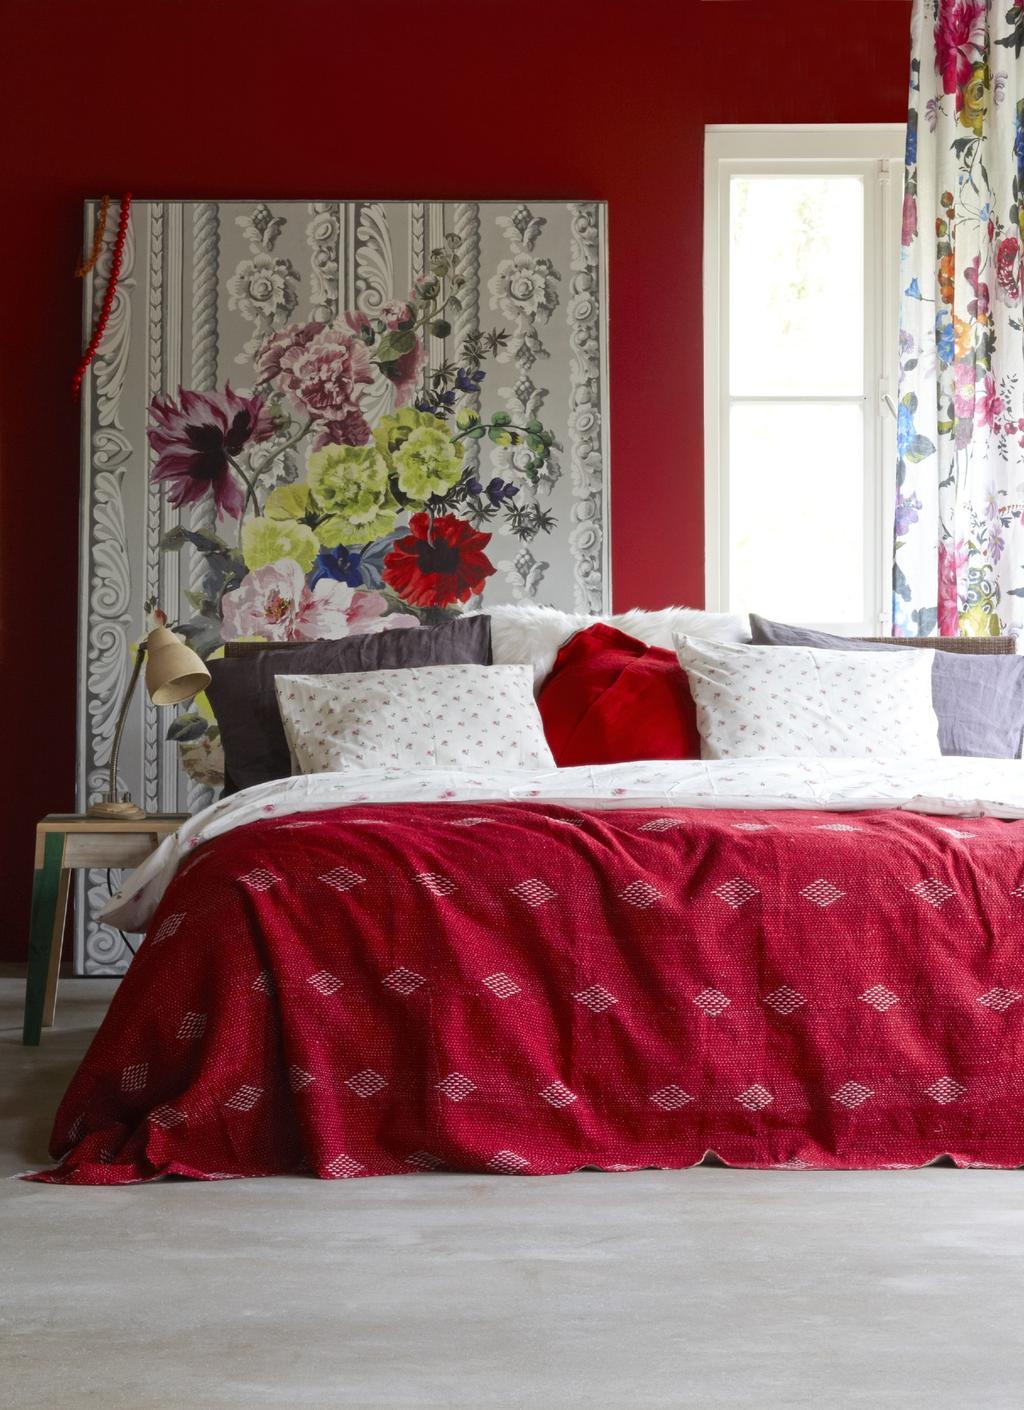 Ideeën voor de slaapkamer voor meer sfeer